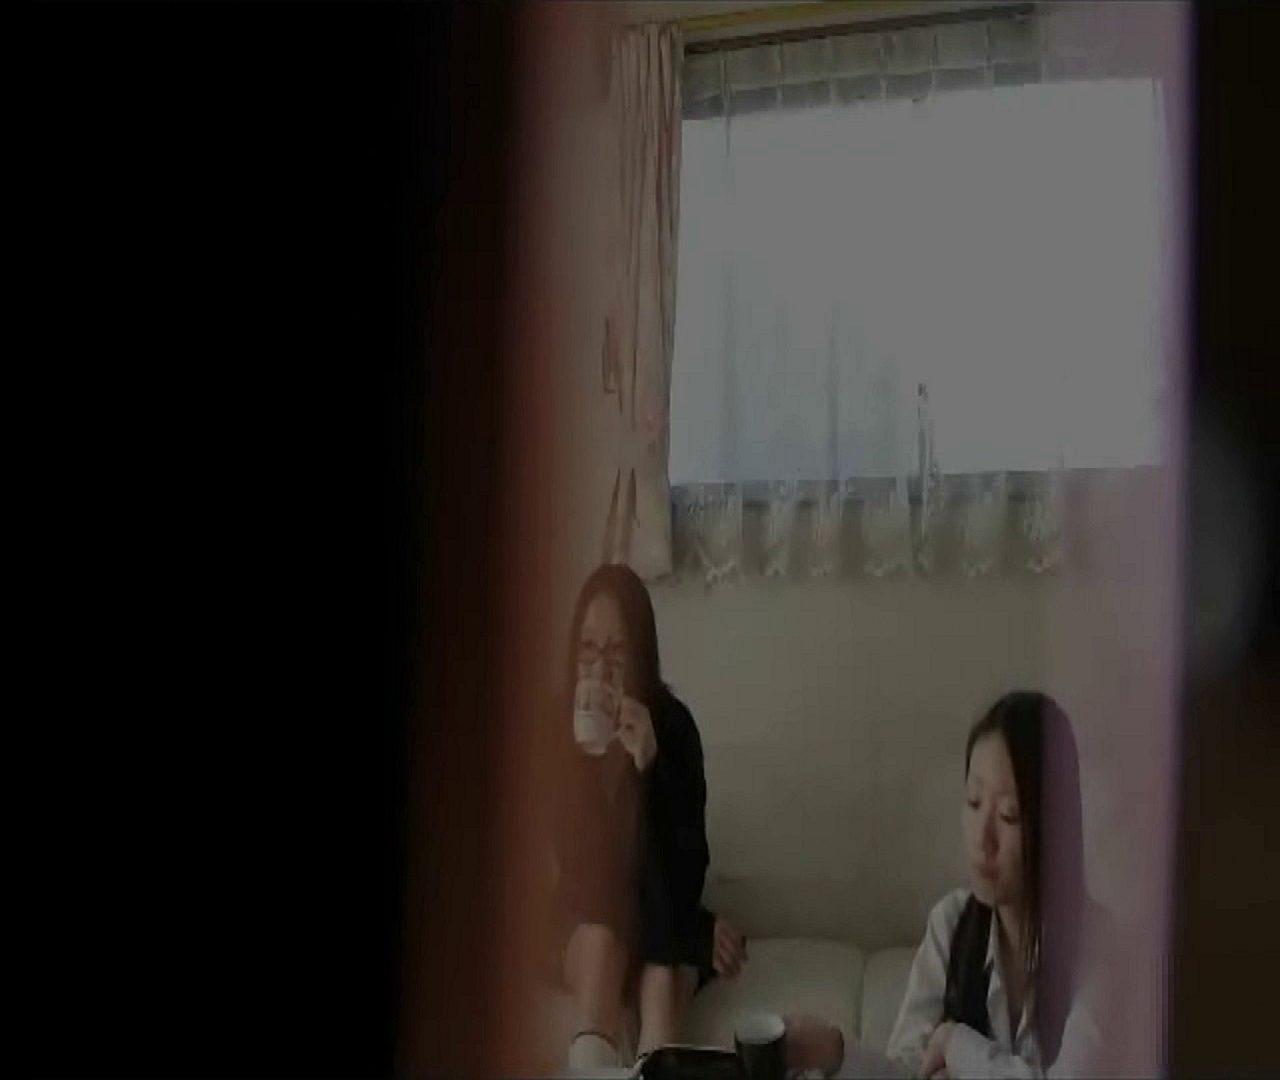 二人とも育てた甲斐がありました… vol.01 まどかとレイカの日常 おまんこ大好き | 盗撮動画  10枚 7